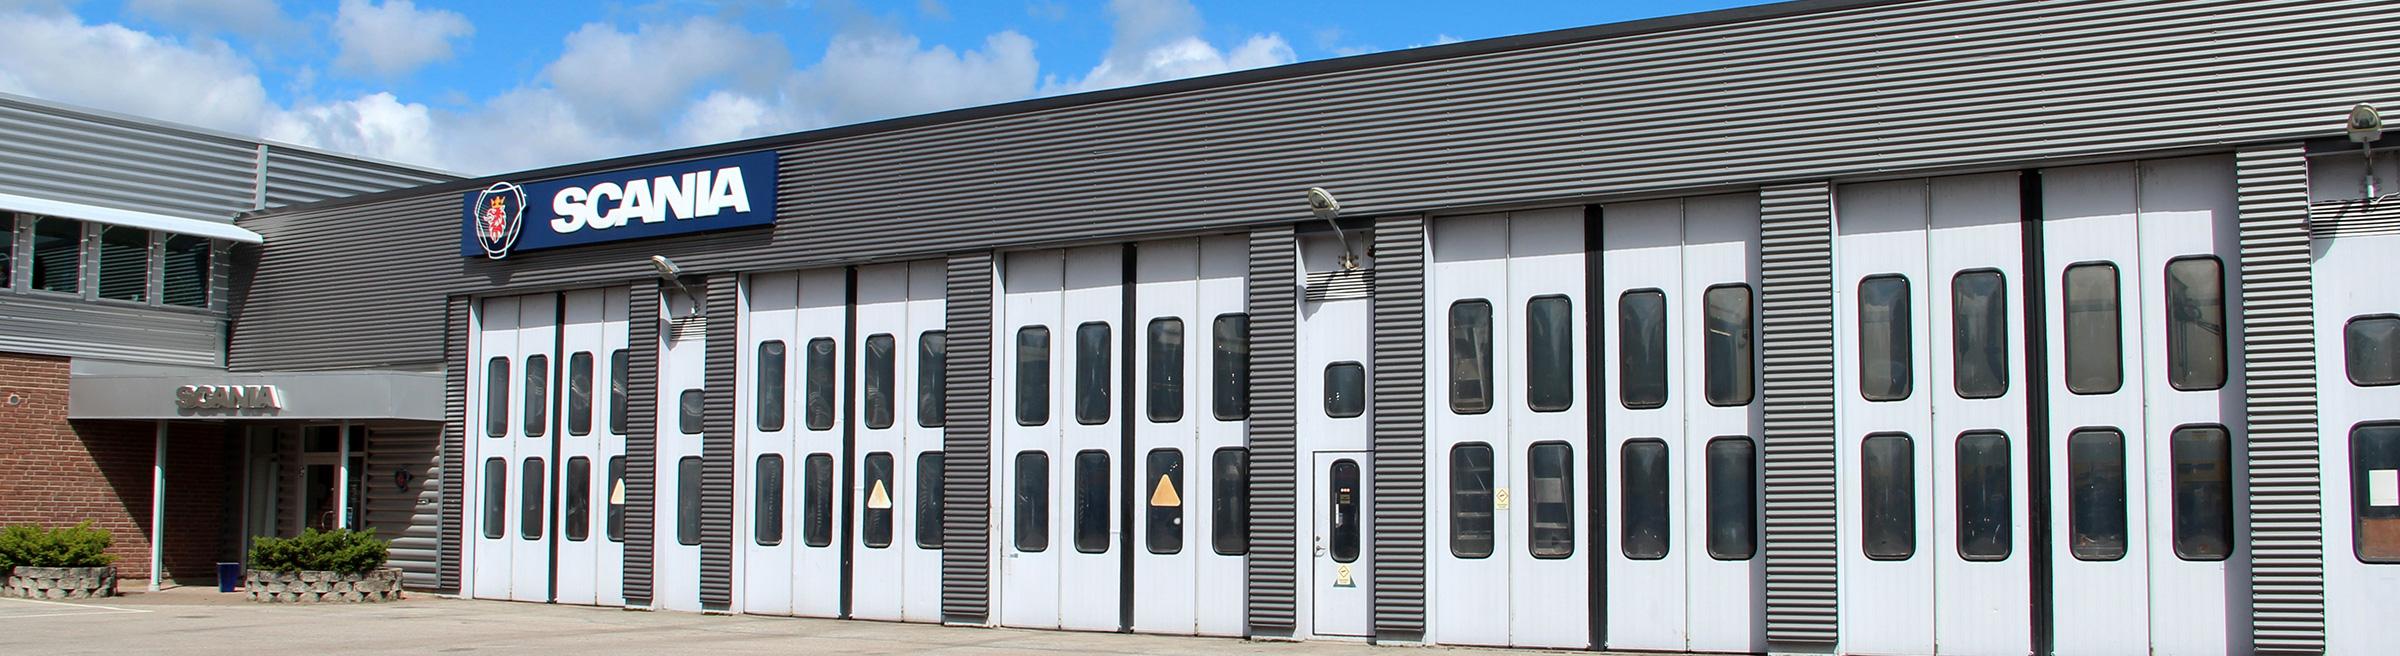 Lidköping Scania Lastbilar